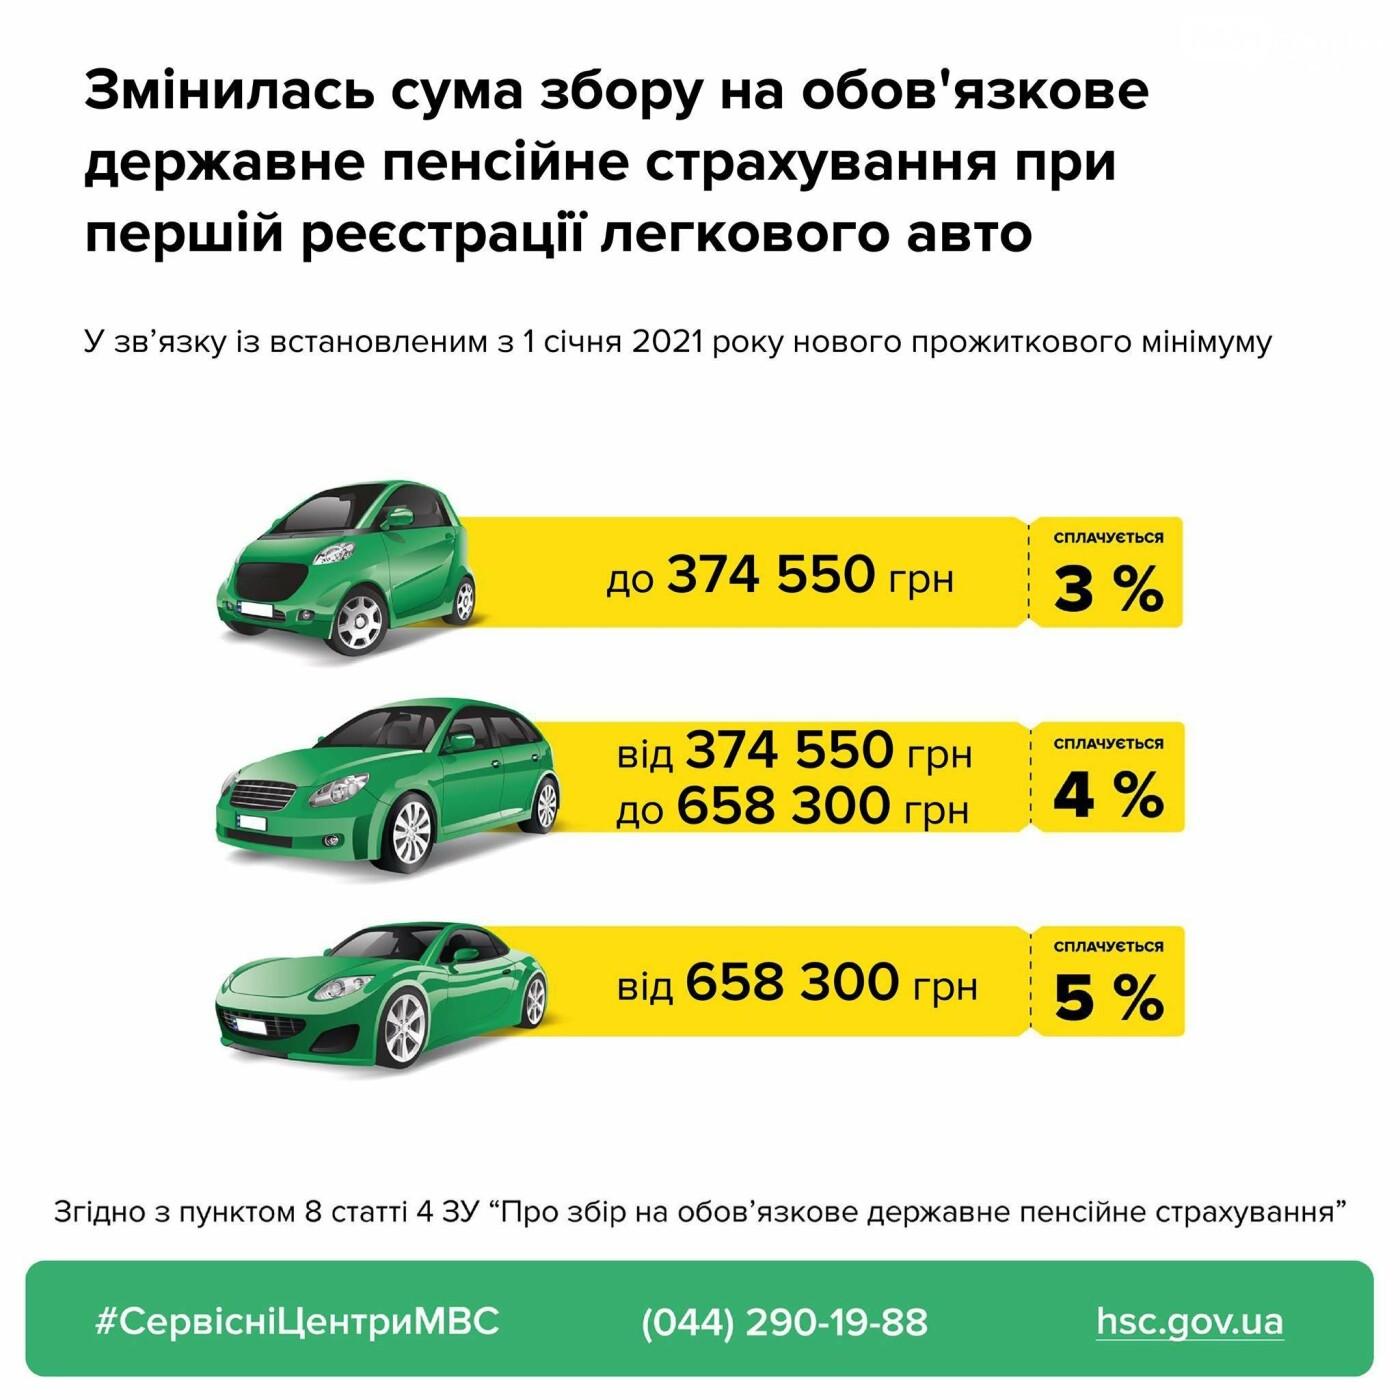 Изменена сумма сбора на обязательное государственное пенсионное страхование при первой регистрации легкового авто, фото-1